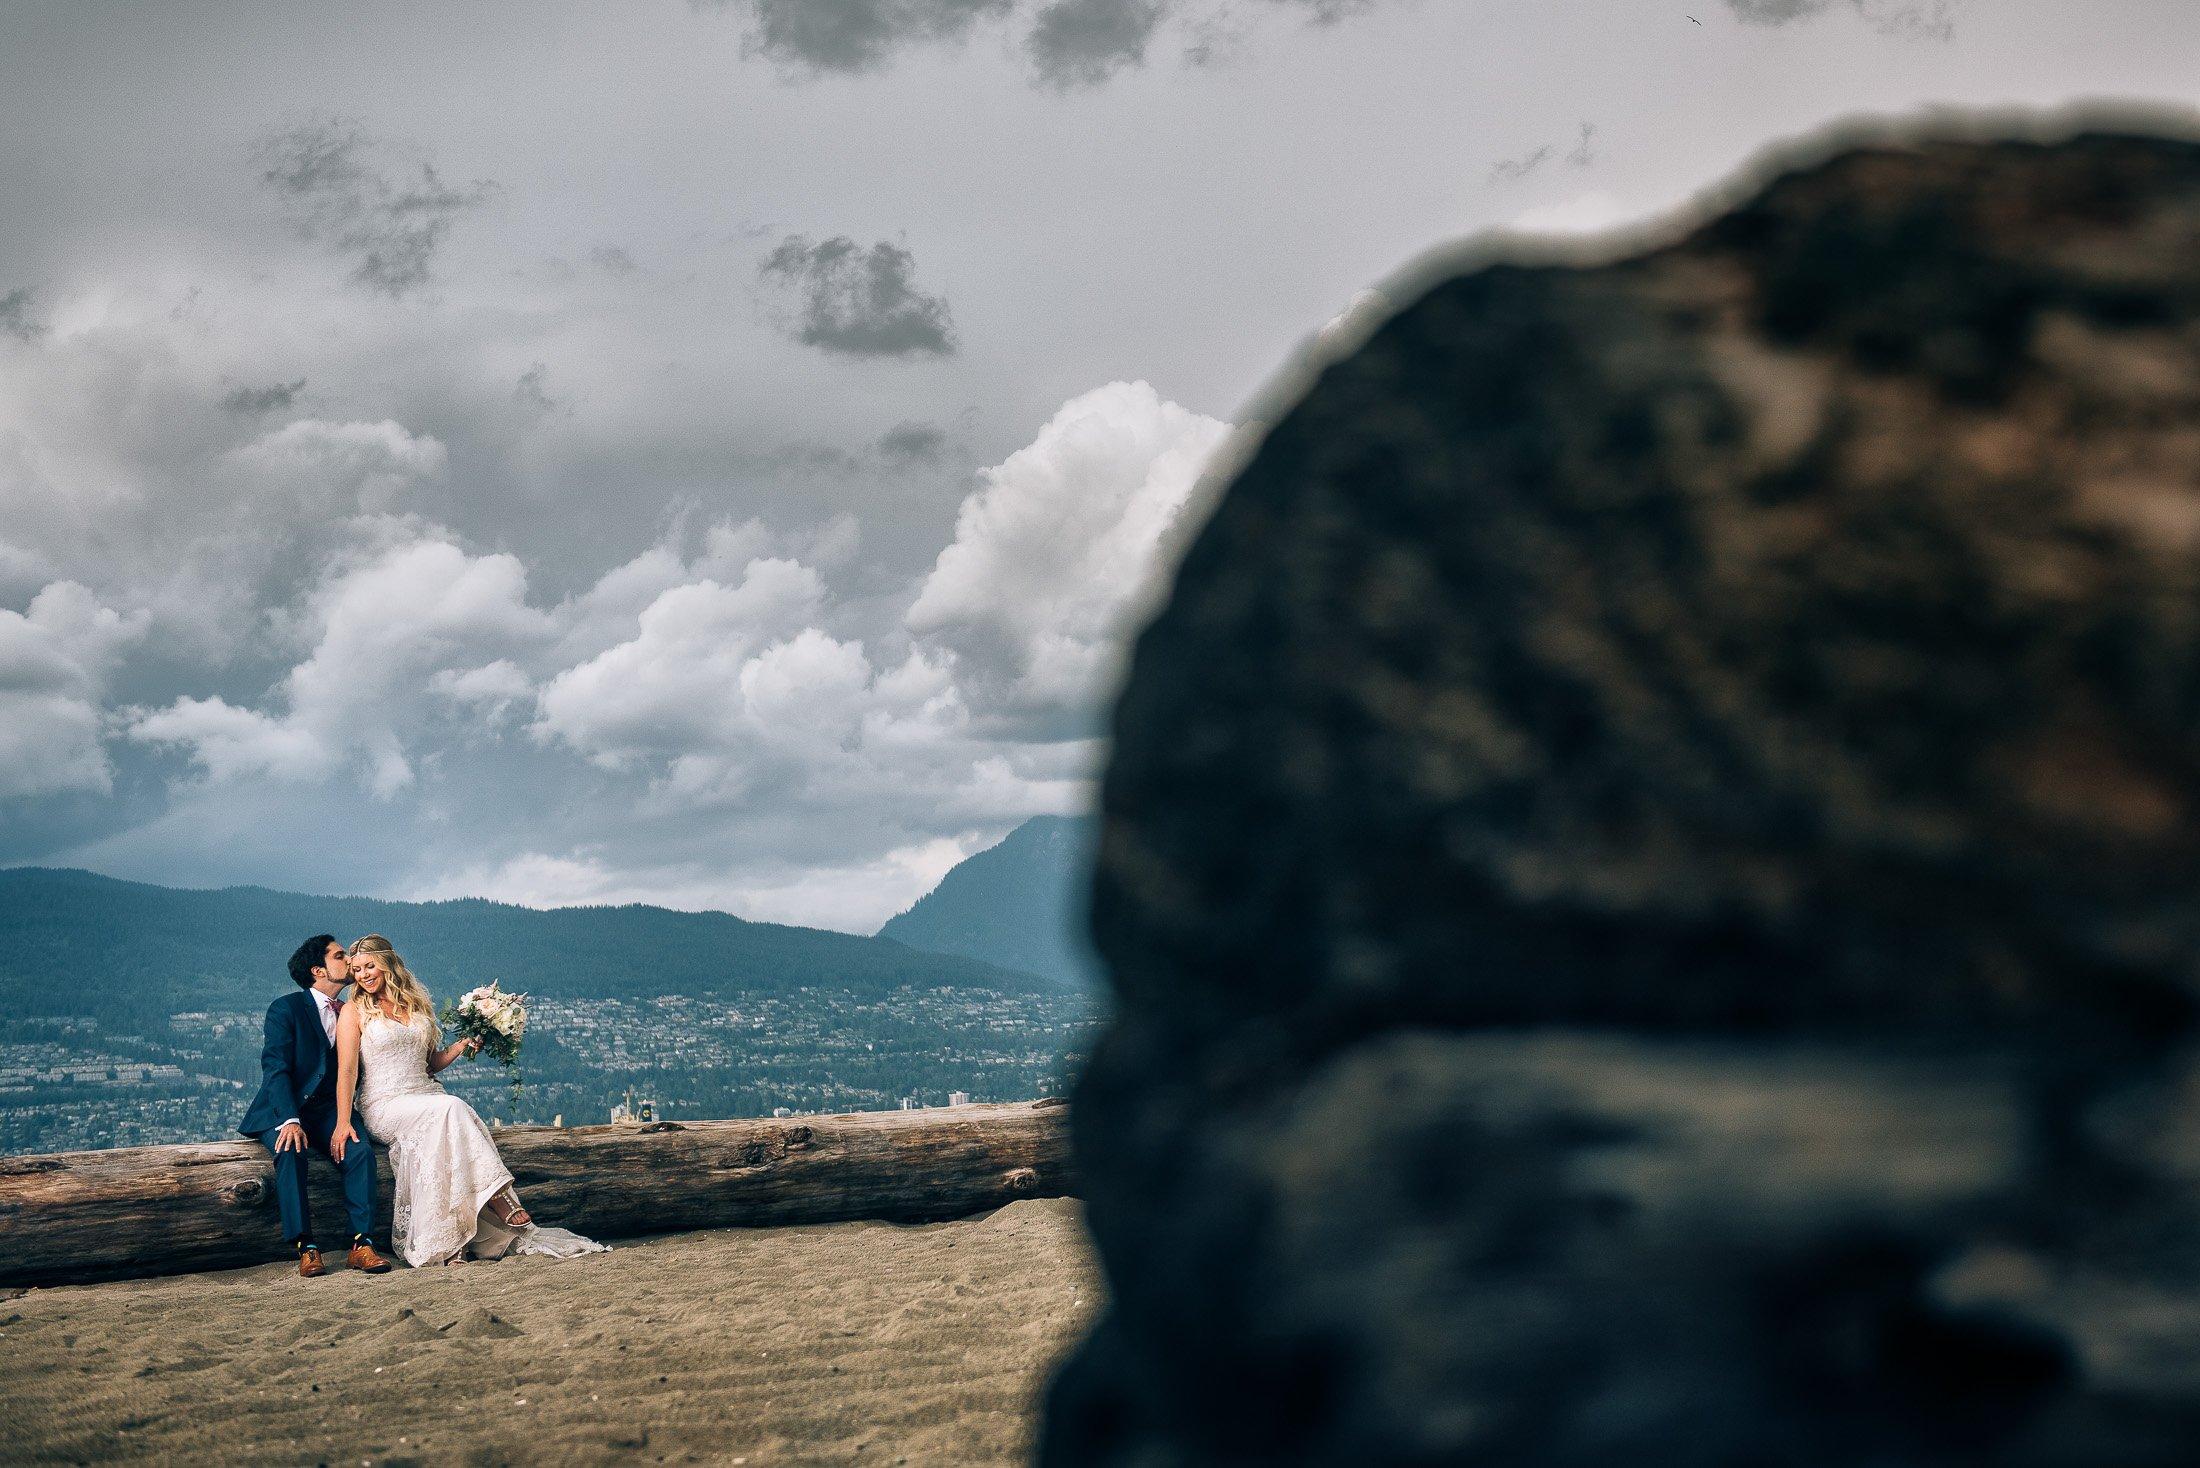 jericho beach mountain wedding photos